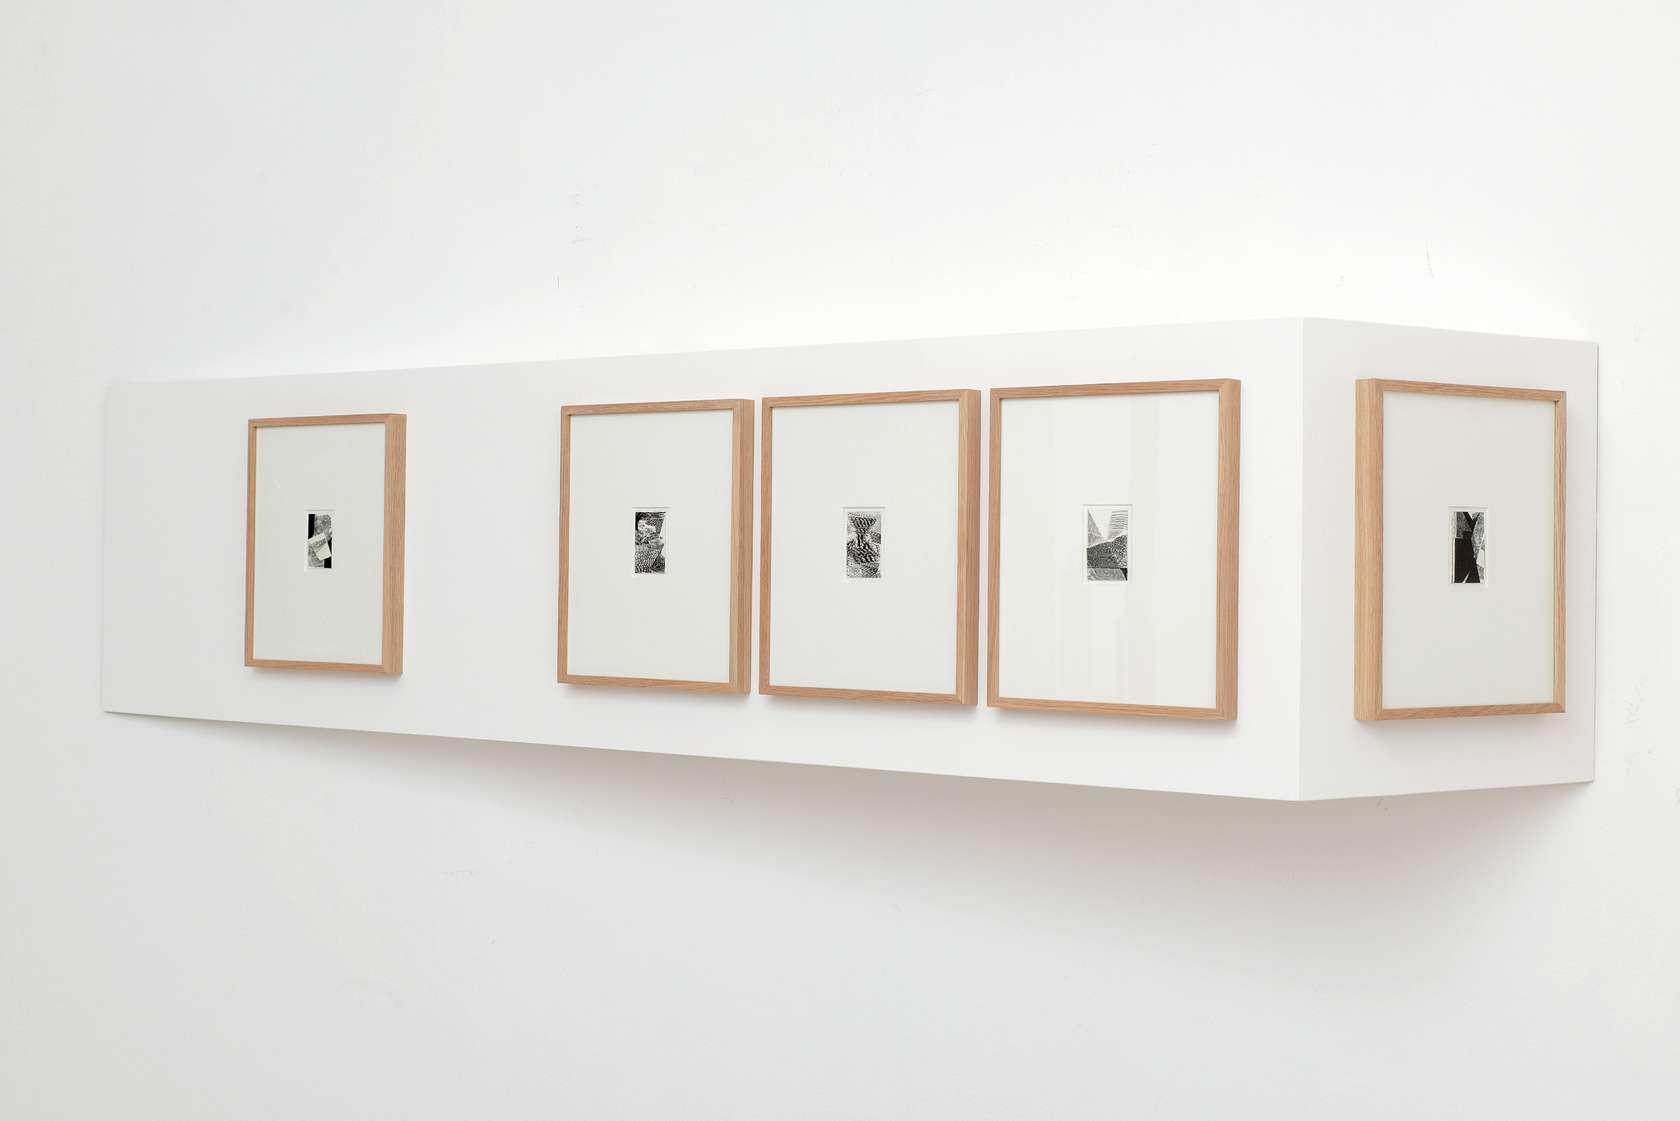 Julien Tiberi, Sans titre, 2014 Module en bois peint et cinq dessins encadrés en chêne44 × 192 × 32.5 cm / 17 3/8 × 75 5/8 × 12 6/8 in.